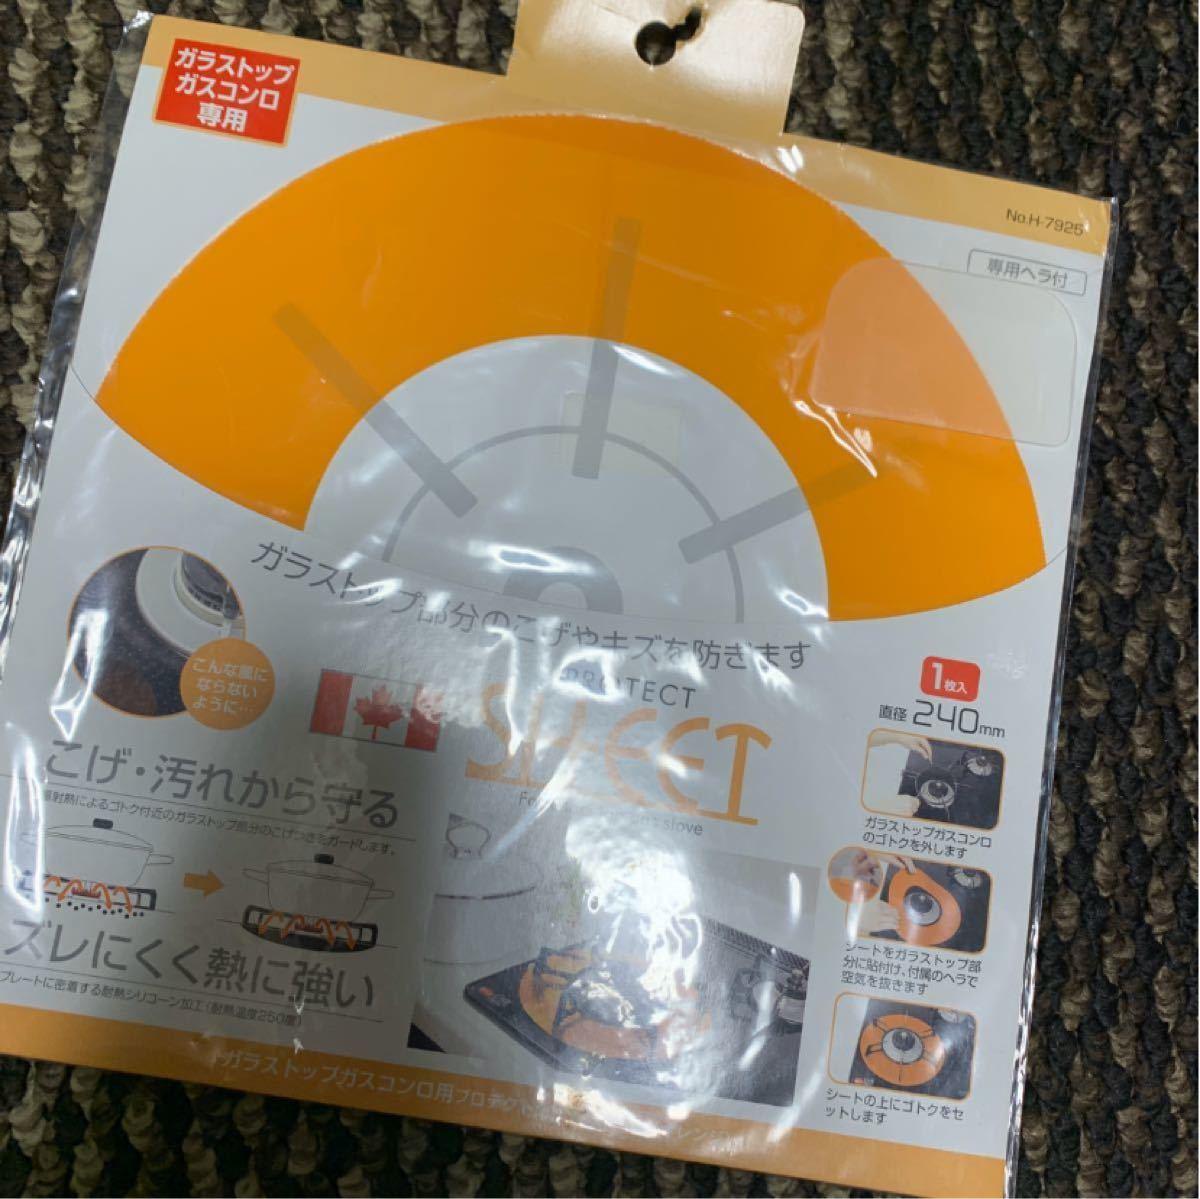 【新品】ガスコンロ専用 プロテクトシート オレンジ 1枚入り